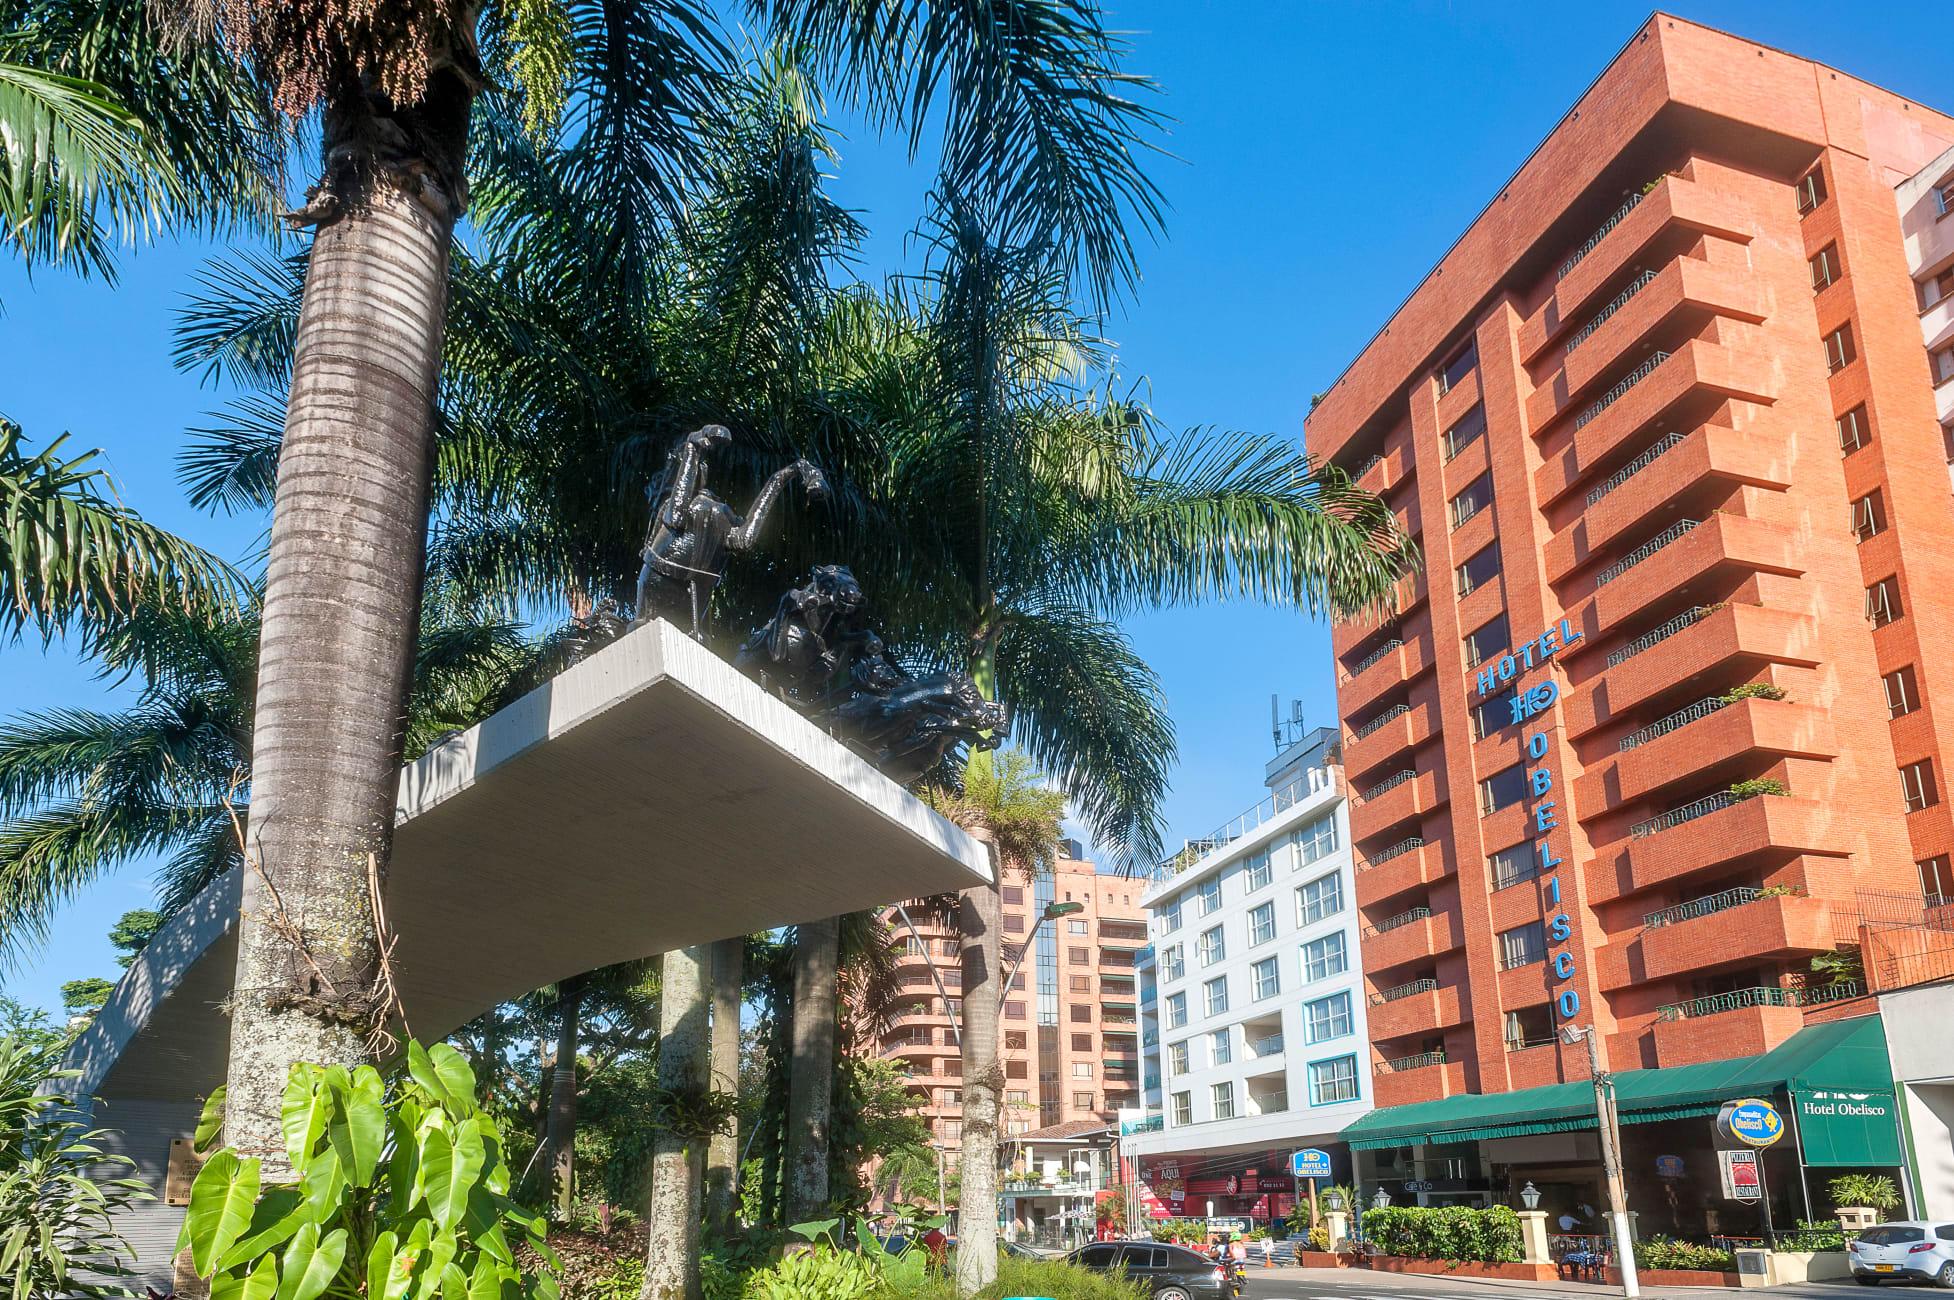 Delegación RD se hospedará en el hotel Obelisco de Cali - Valle 2021